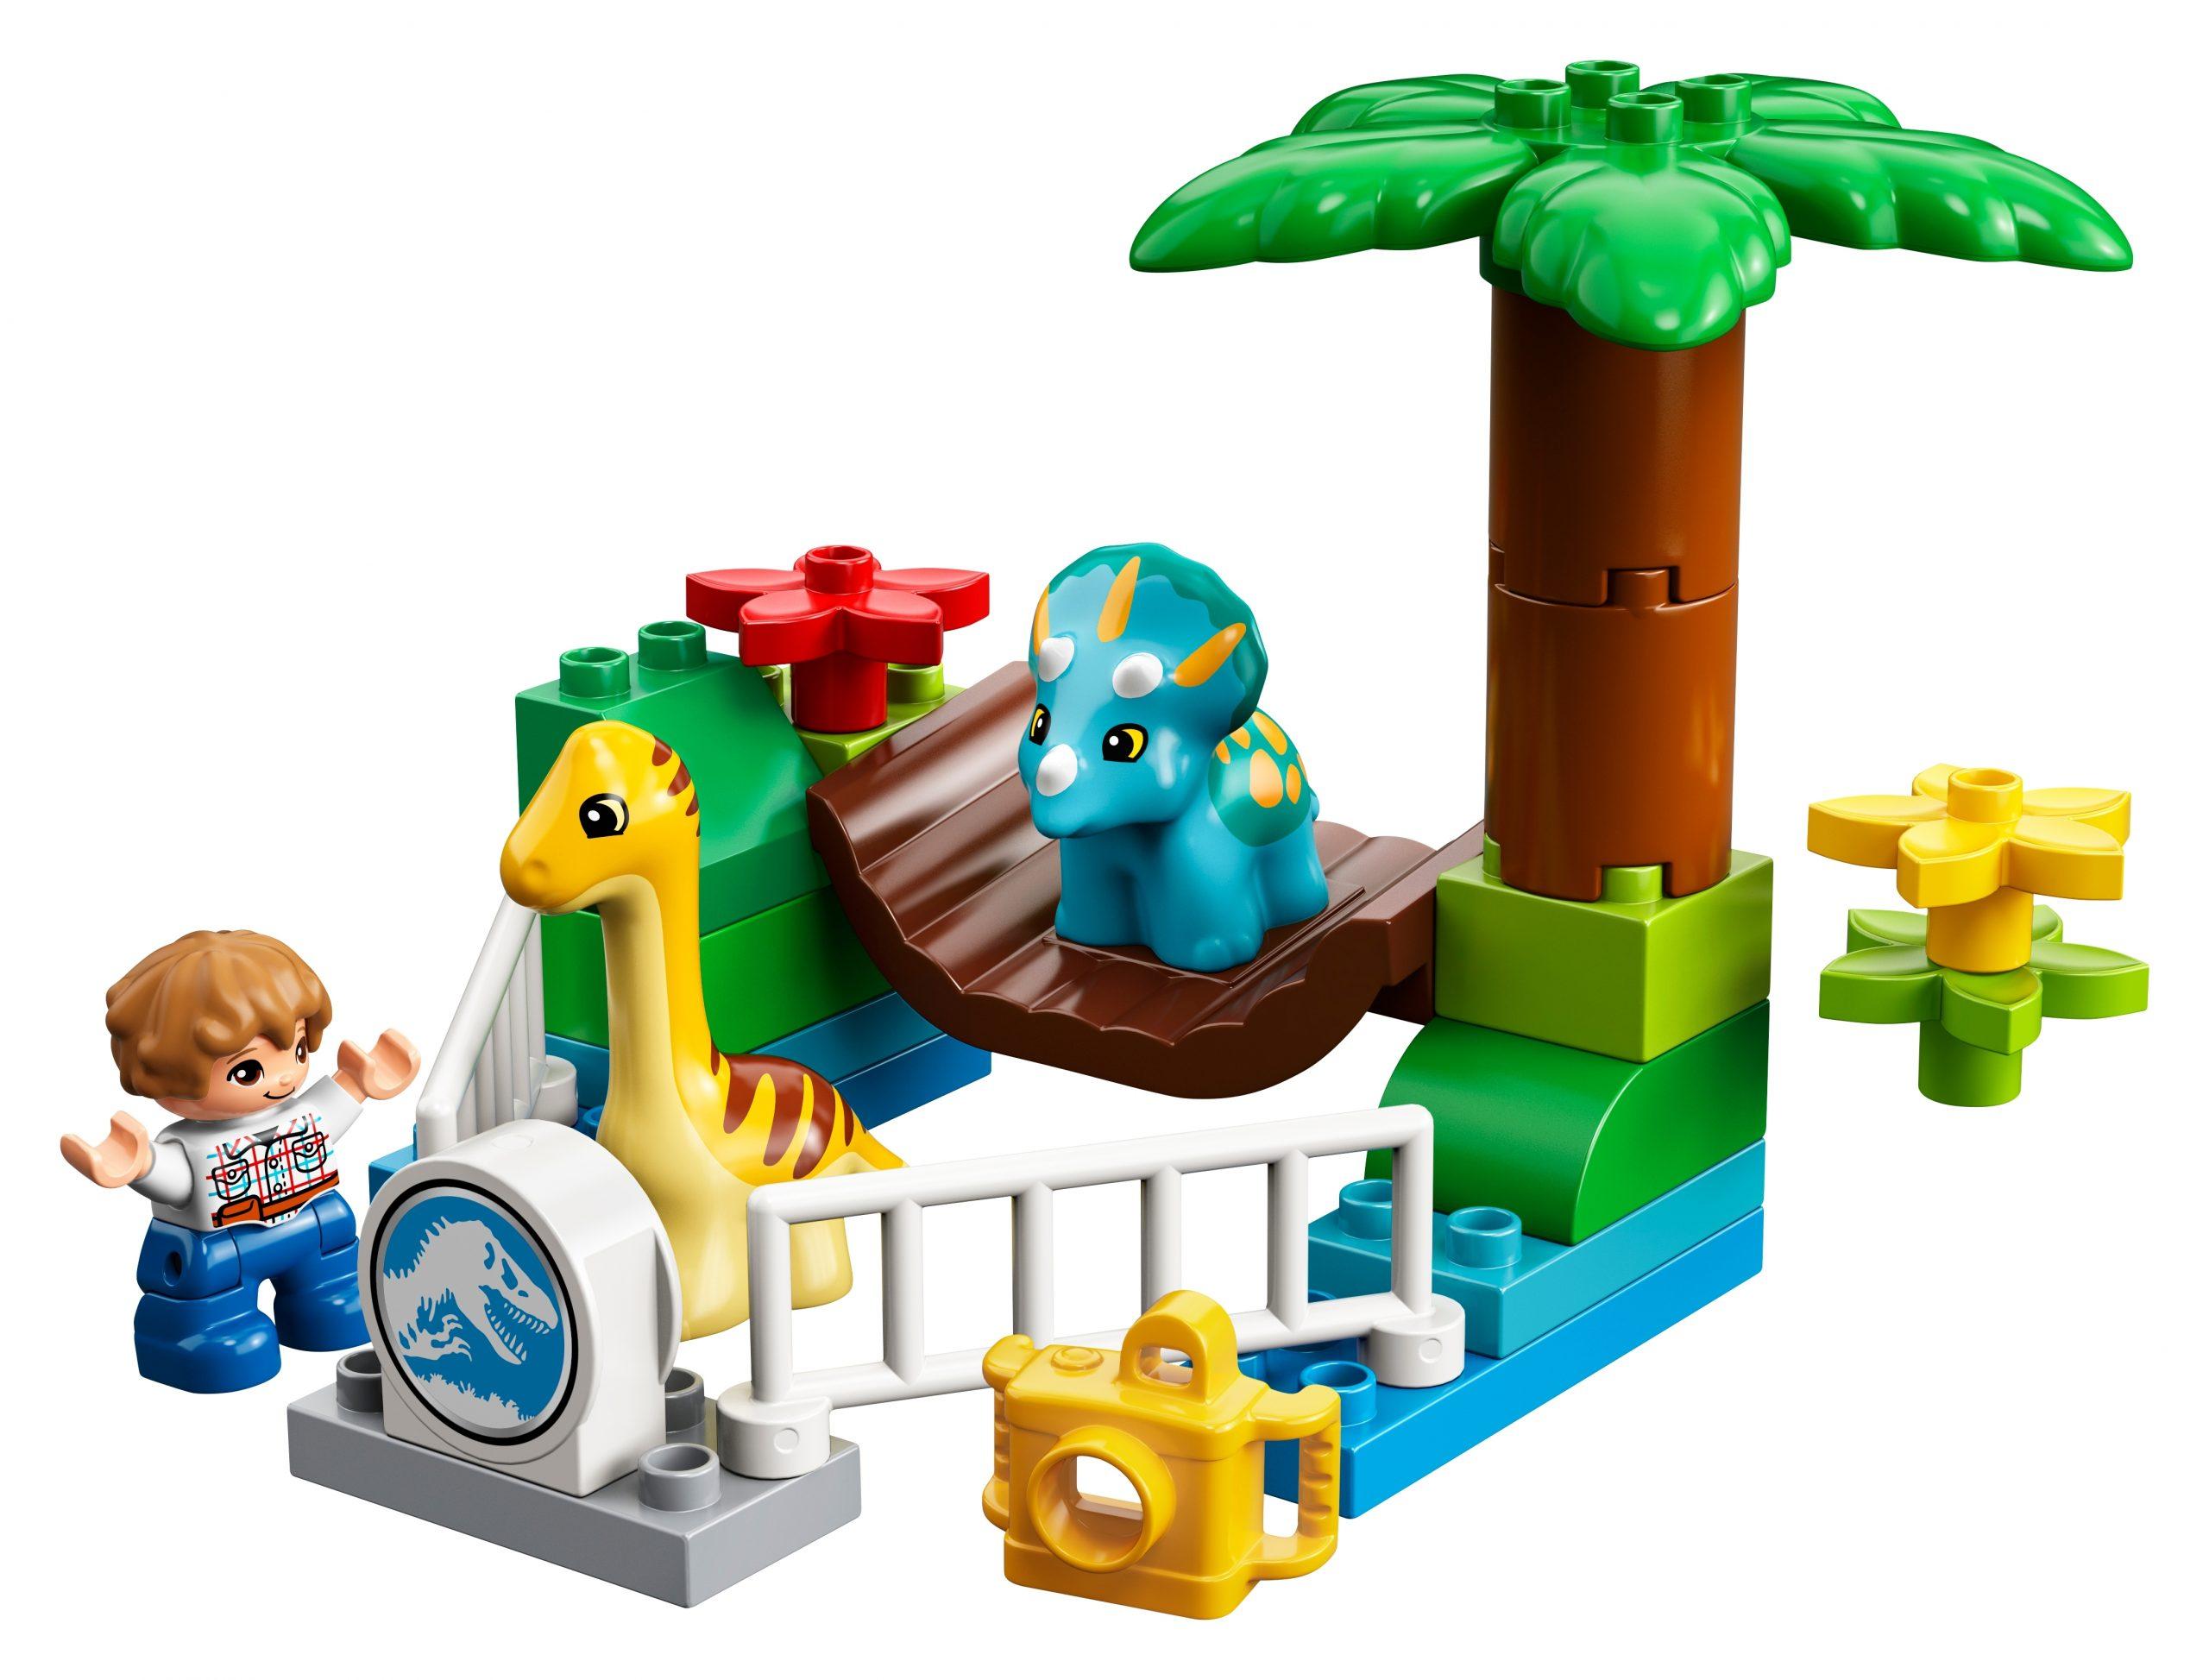 lego kinderboerderij met vriendelijke reuzen 10879 scaled